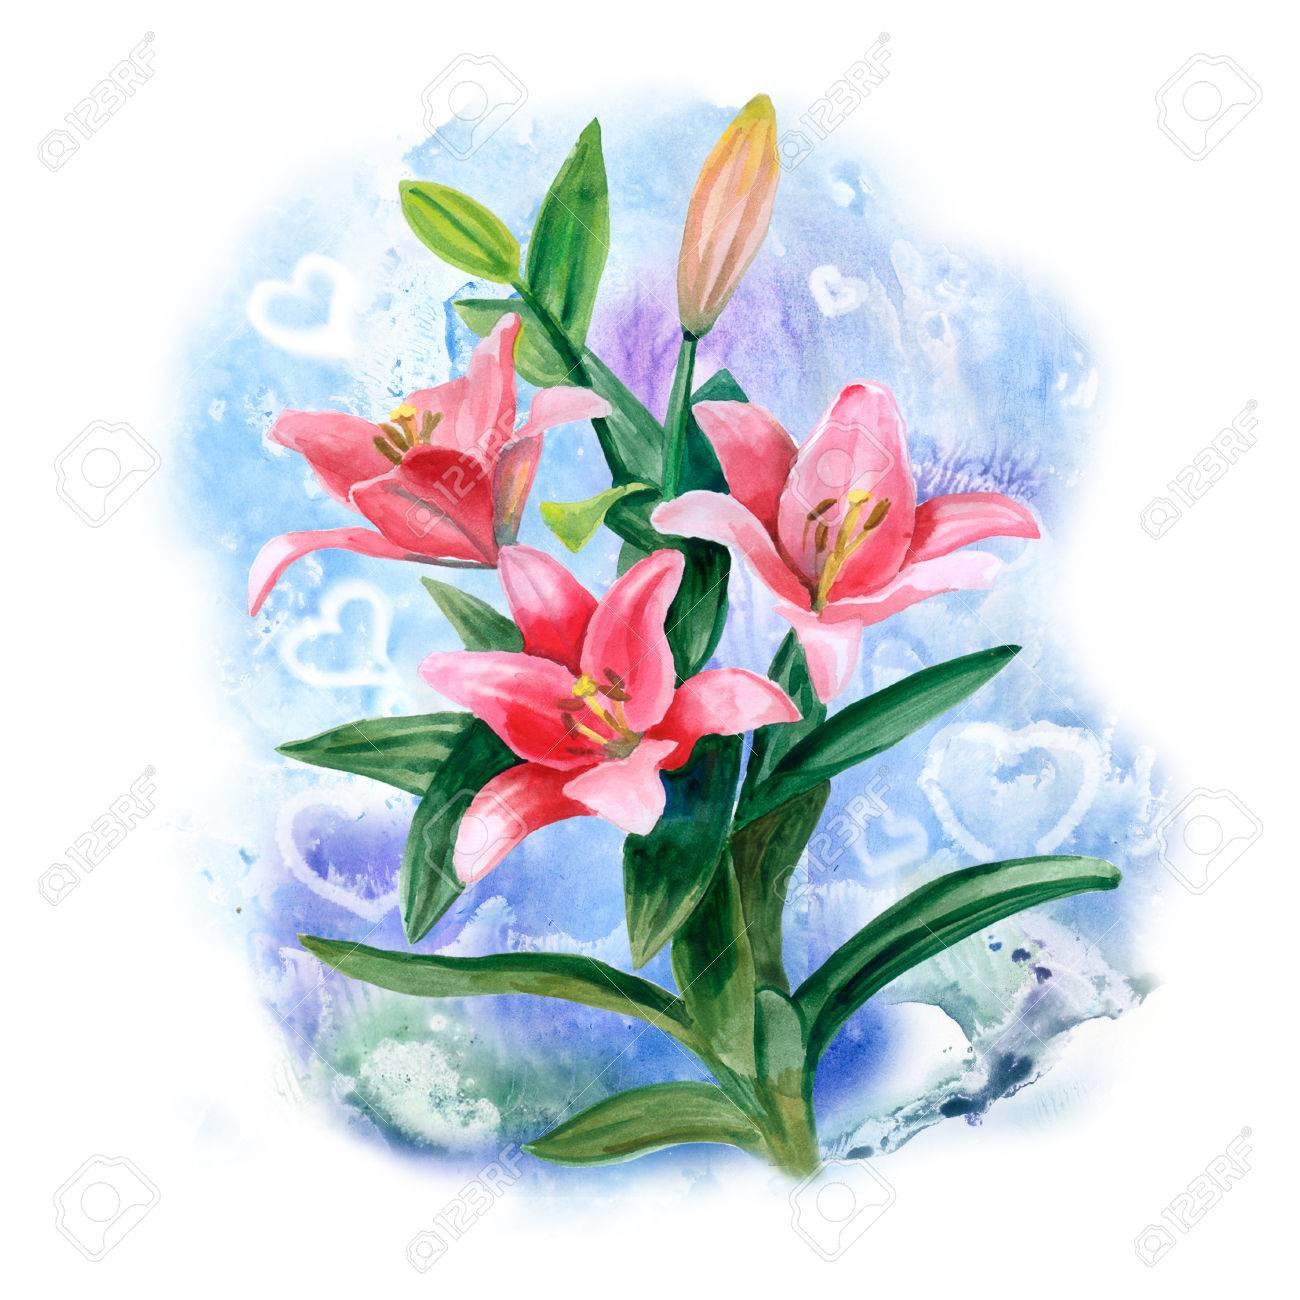 Hand Gezeichnet Aquarell Lilie Blumen Auf Blauem Hintergrund